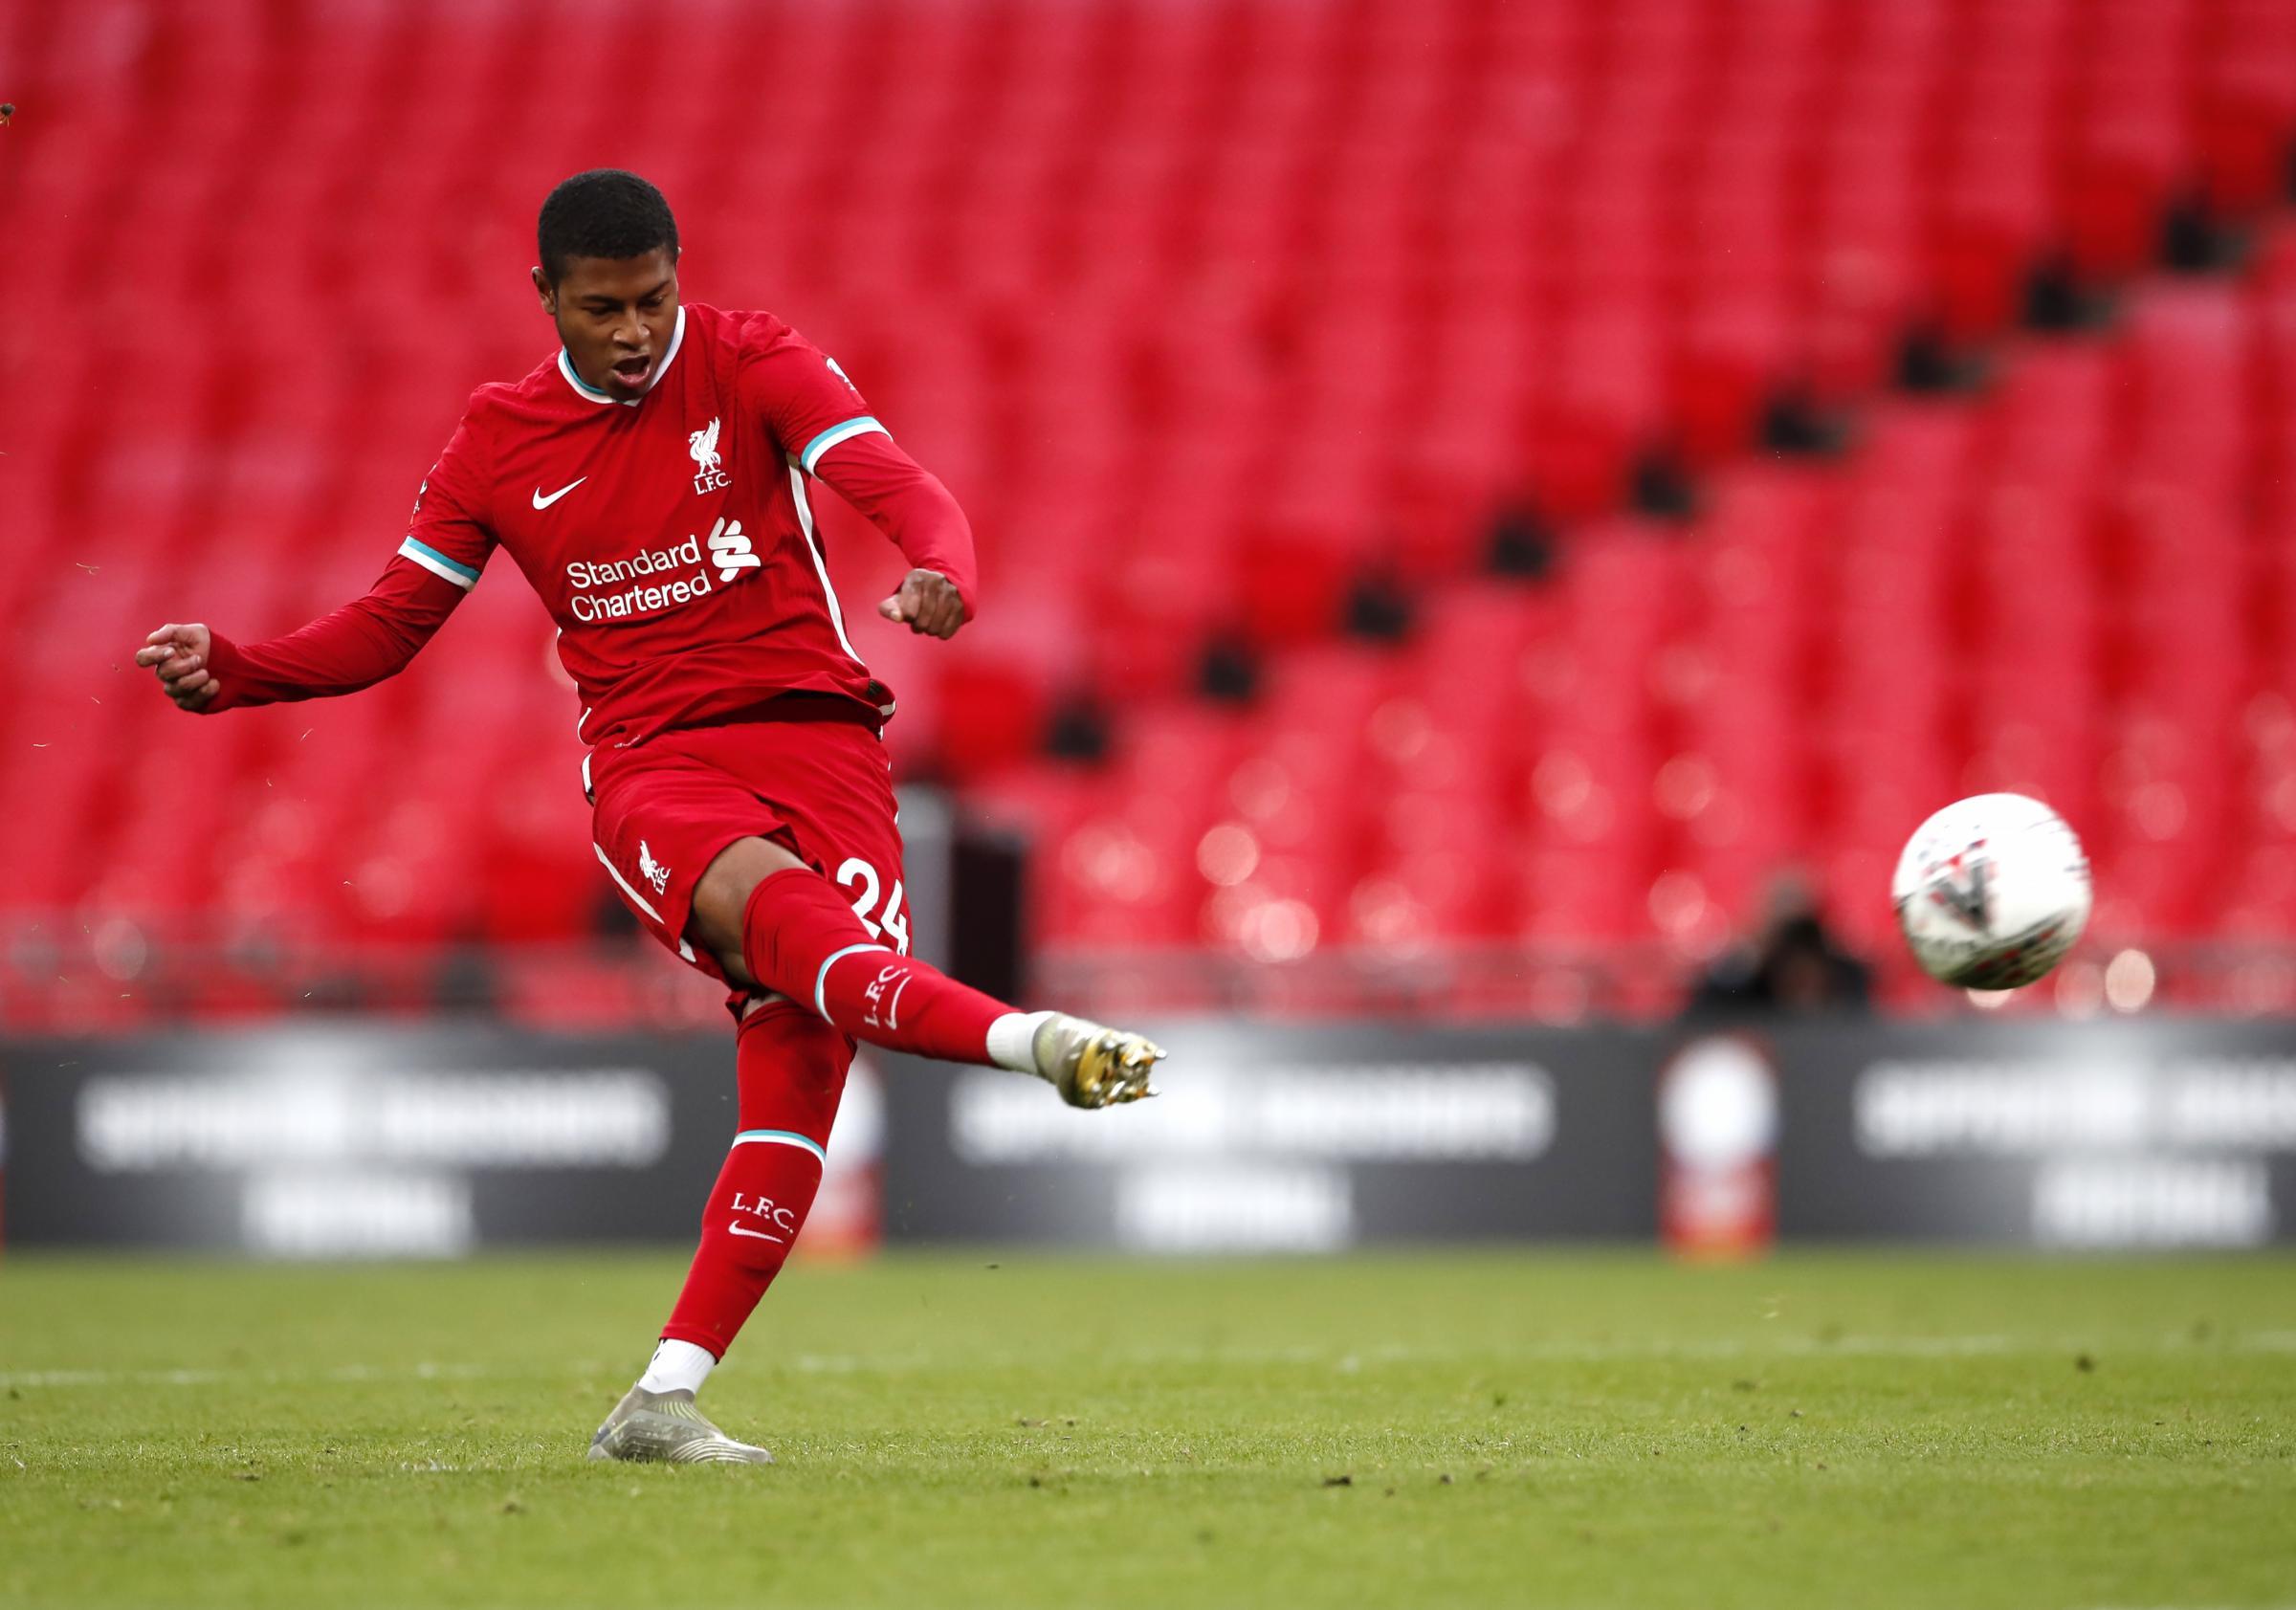 Premier League gossip: Latest on Liverpool's Rhian Brewster